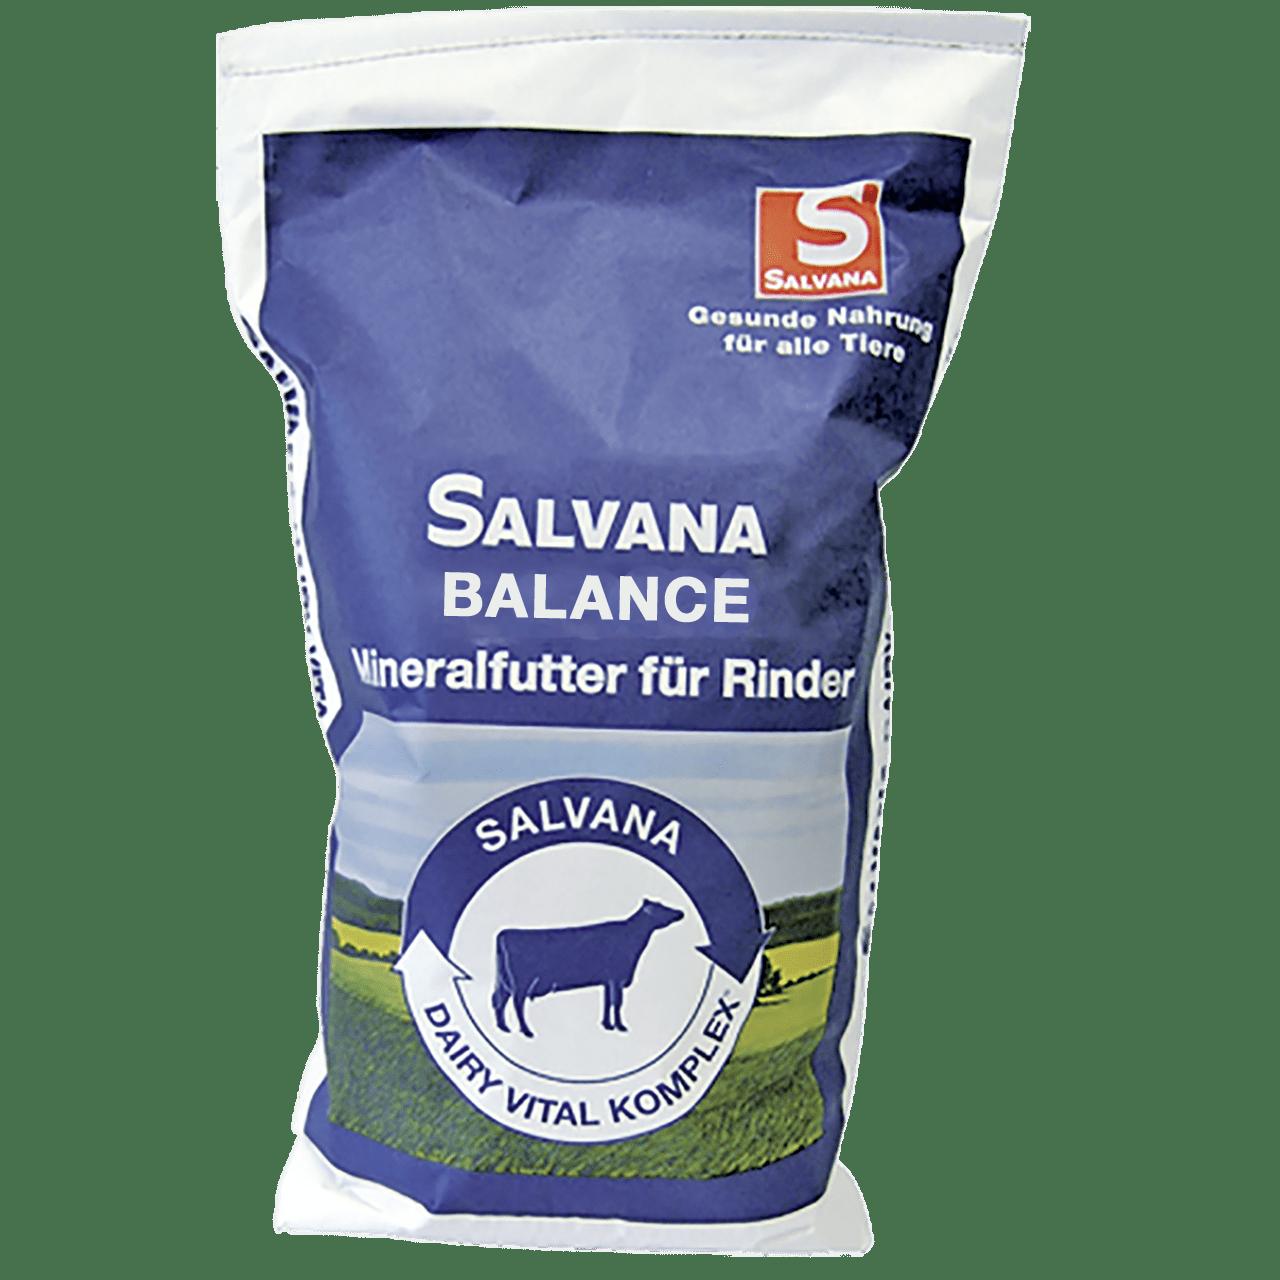 SALVANA BALANCE